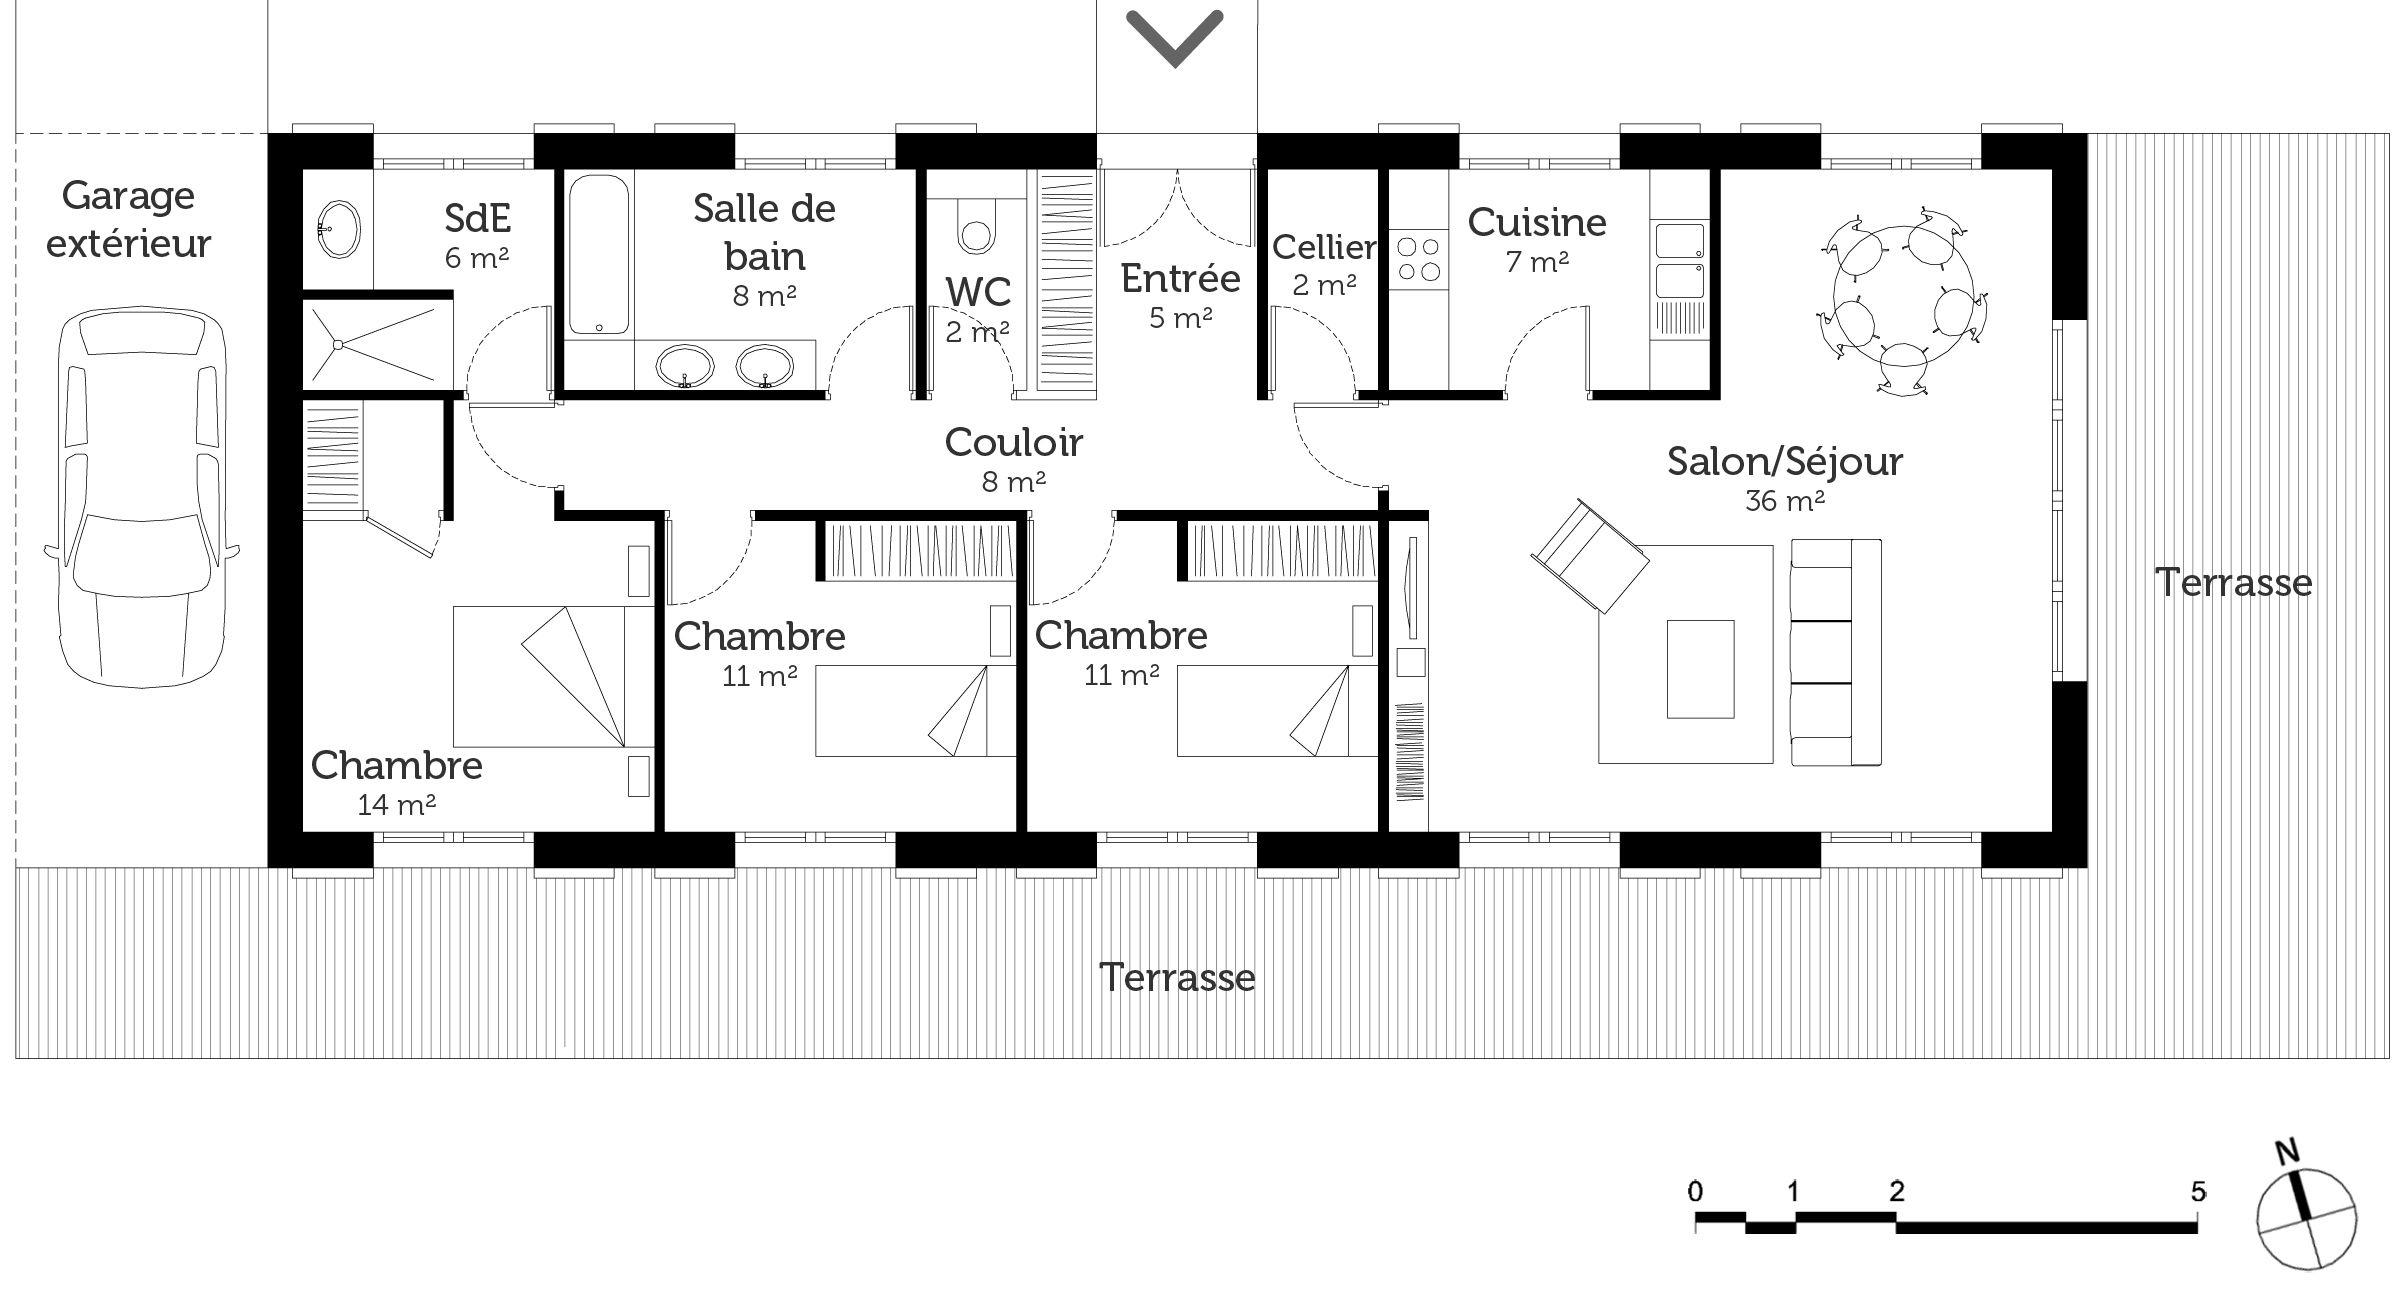 Plan de maison moderne plain pied 4 chambres plans maisons tout pour vos constructions maison et dépendance from plan de maison moderne plain pied 4